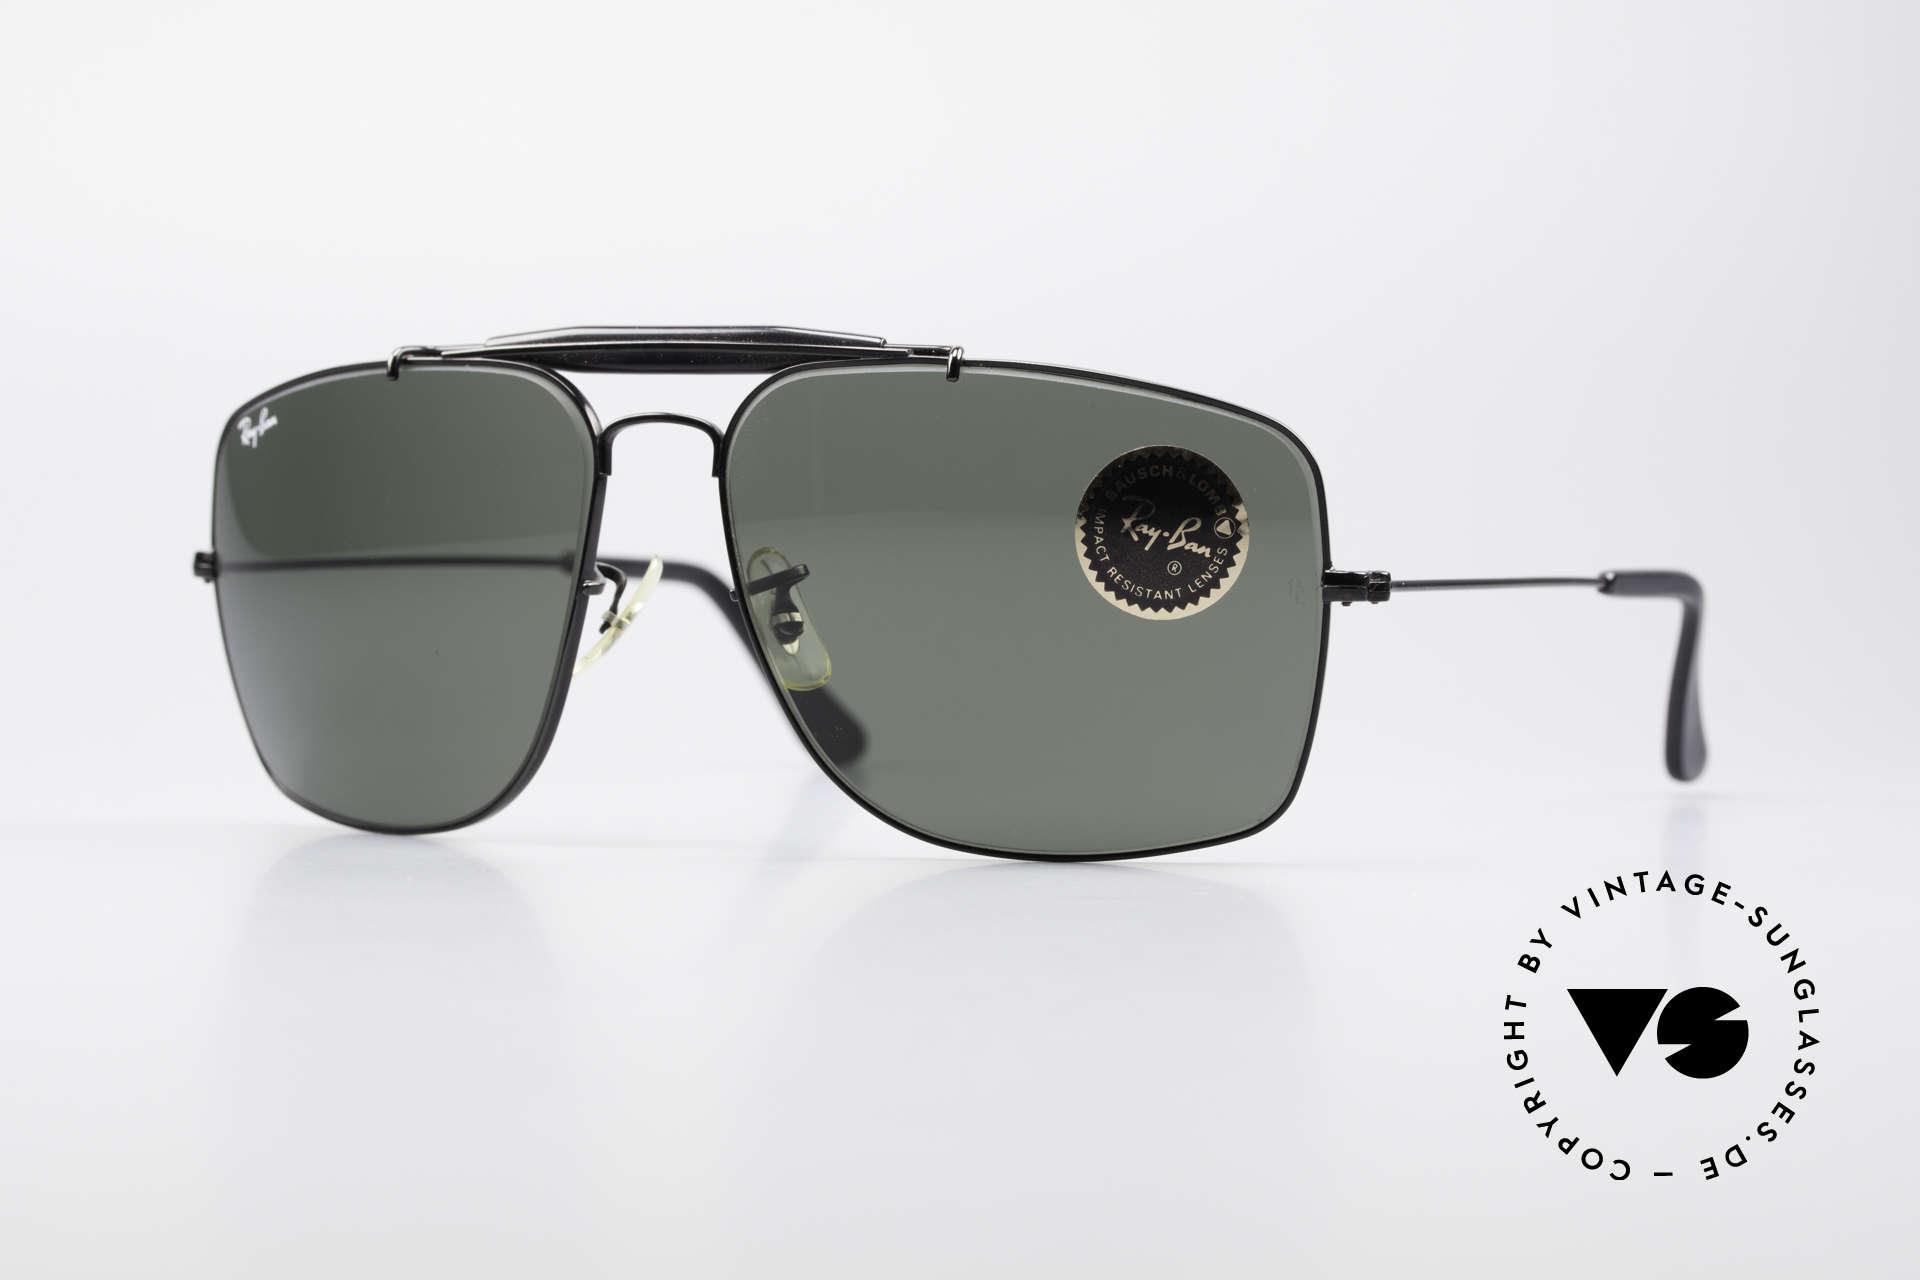 Ray Ban Explorer Large Old B&L USA Ray-Ban Shades, old 80's Ray-Ban USA B&L vintage sunglasses, Made for Men